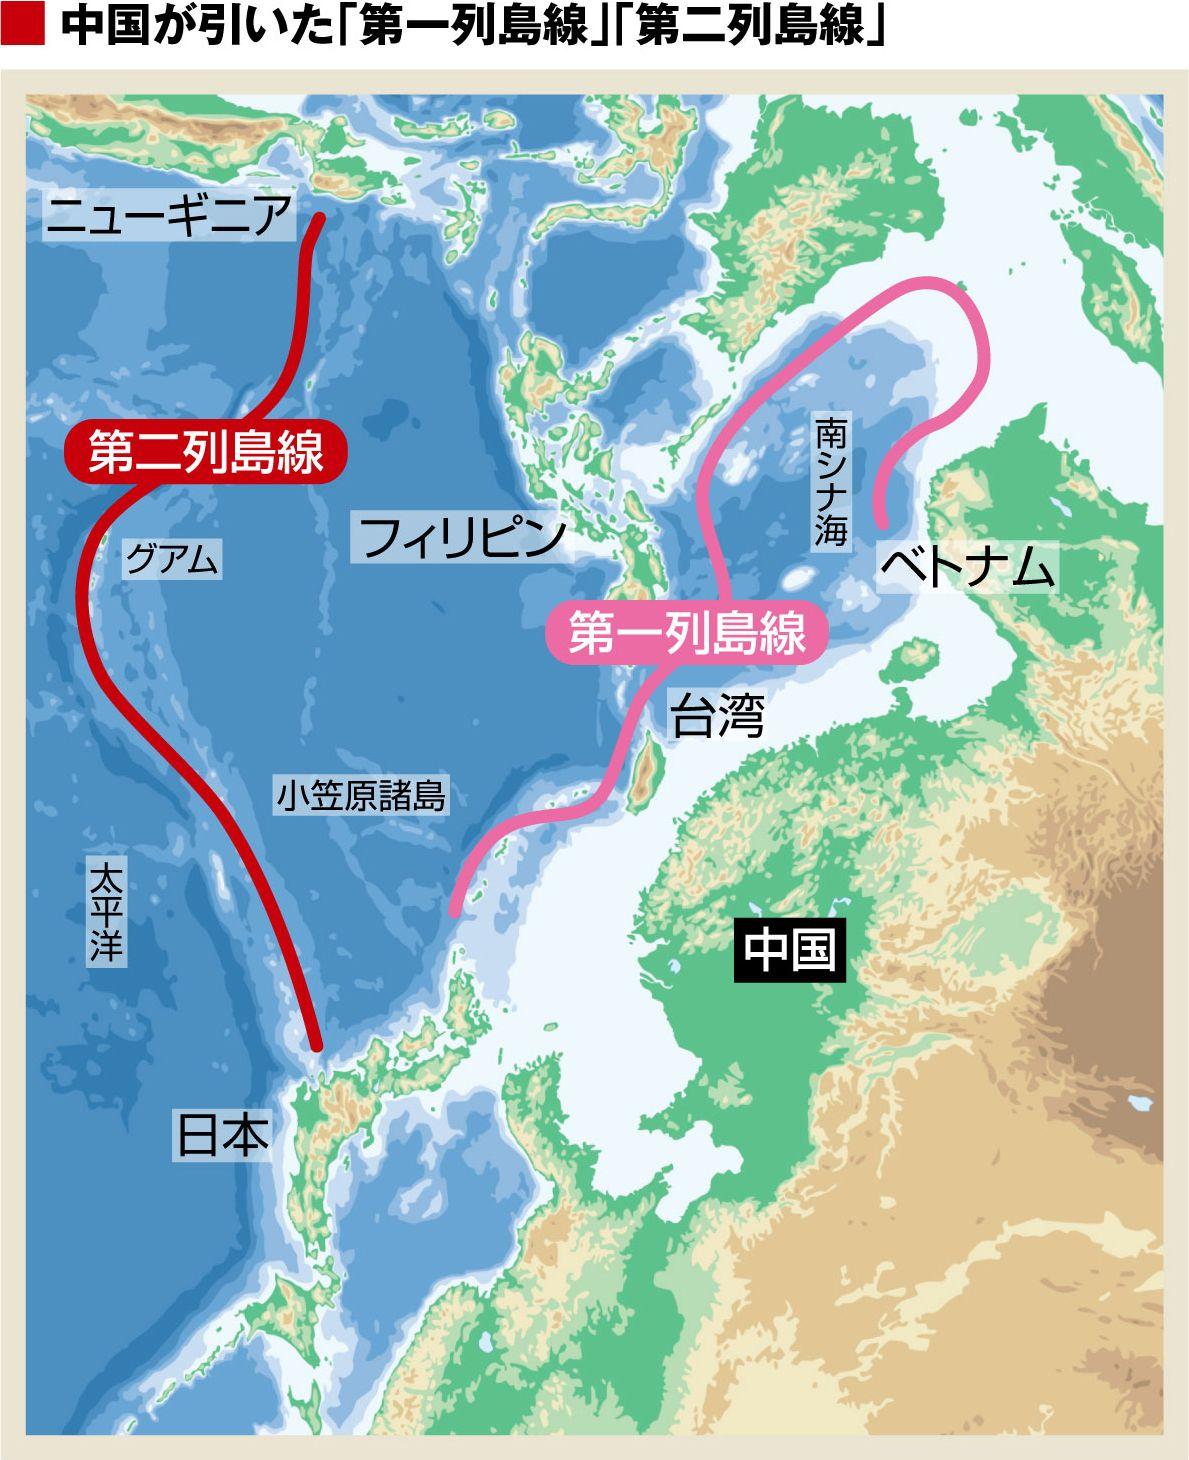 【国内】沖縄の米軍基地を大阪に 市民団体が「引き取る」運動©2ch.net YouTube動画>4本 ->画像>13枚